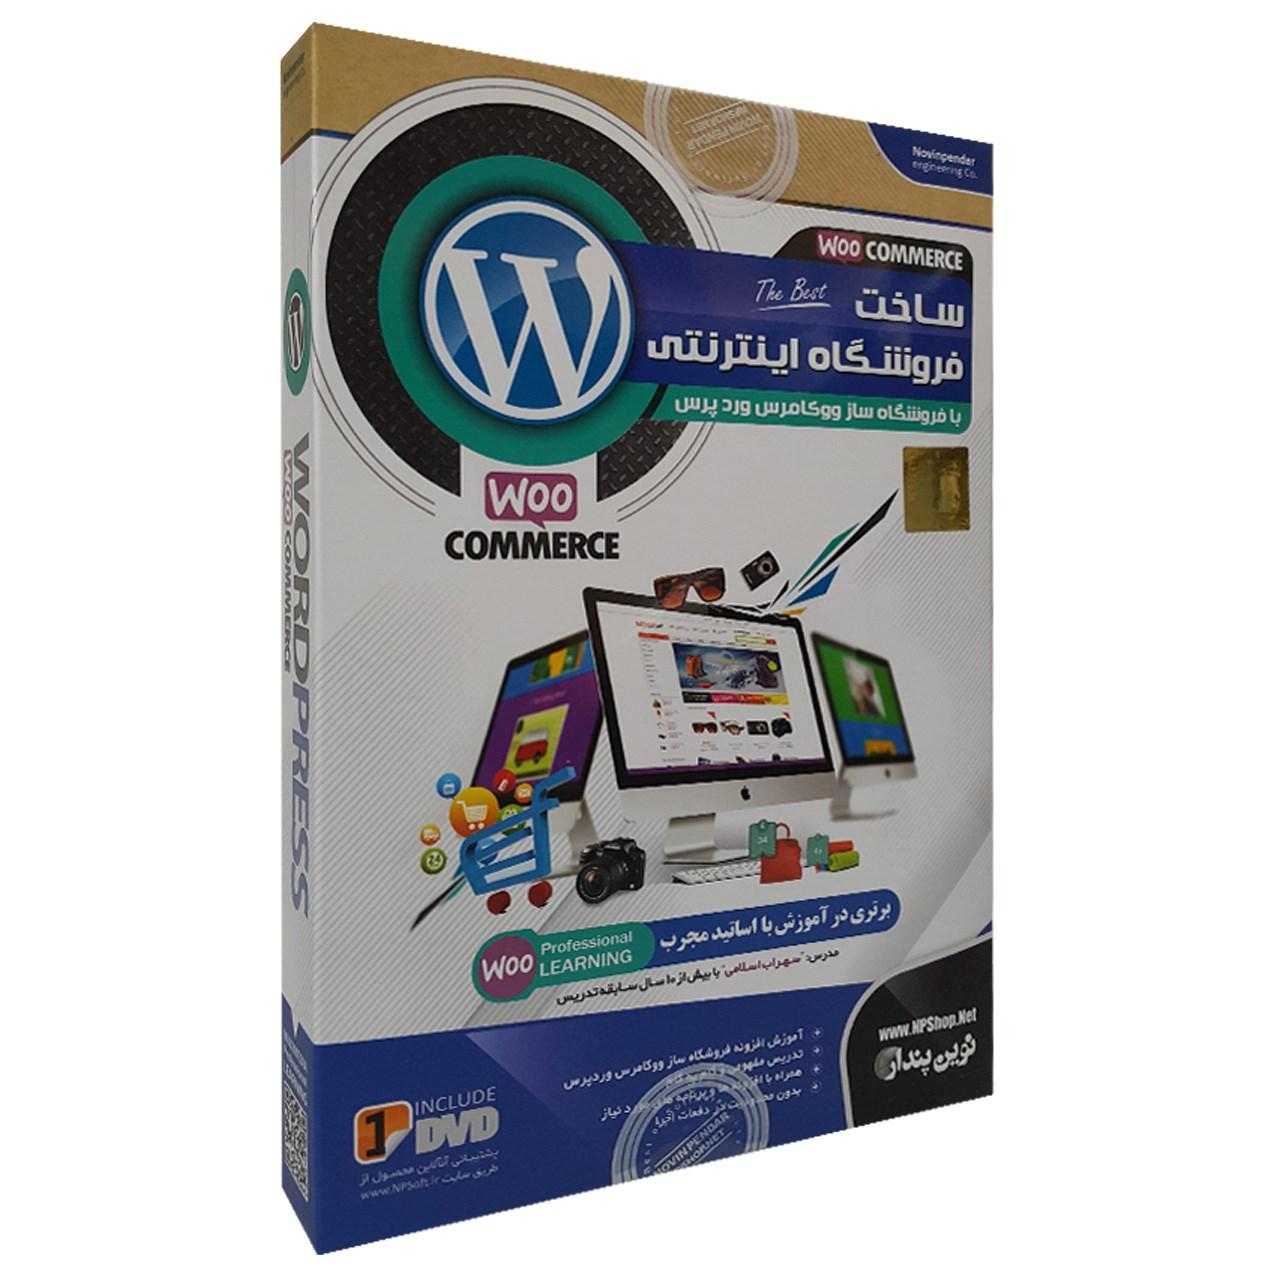 آموزش نرم افزار وردپرس مناسب برای ساخت فروشگاه اینترنتی نشر نوین پندار